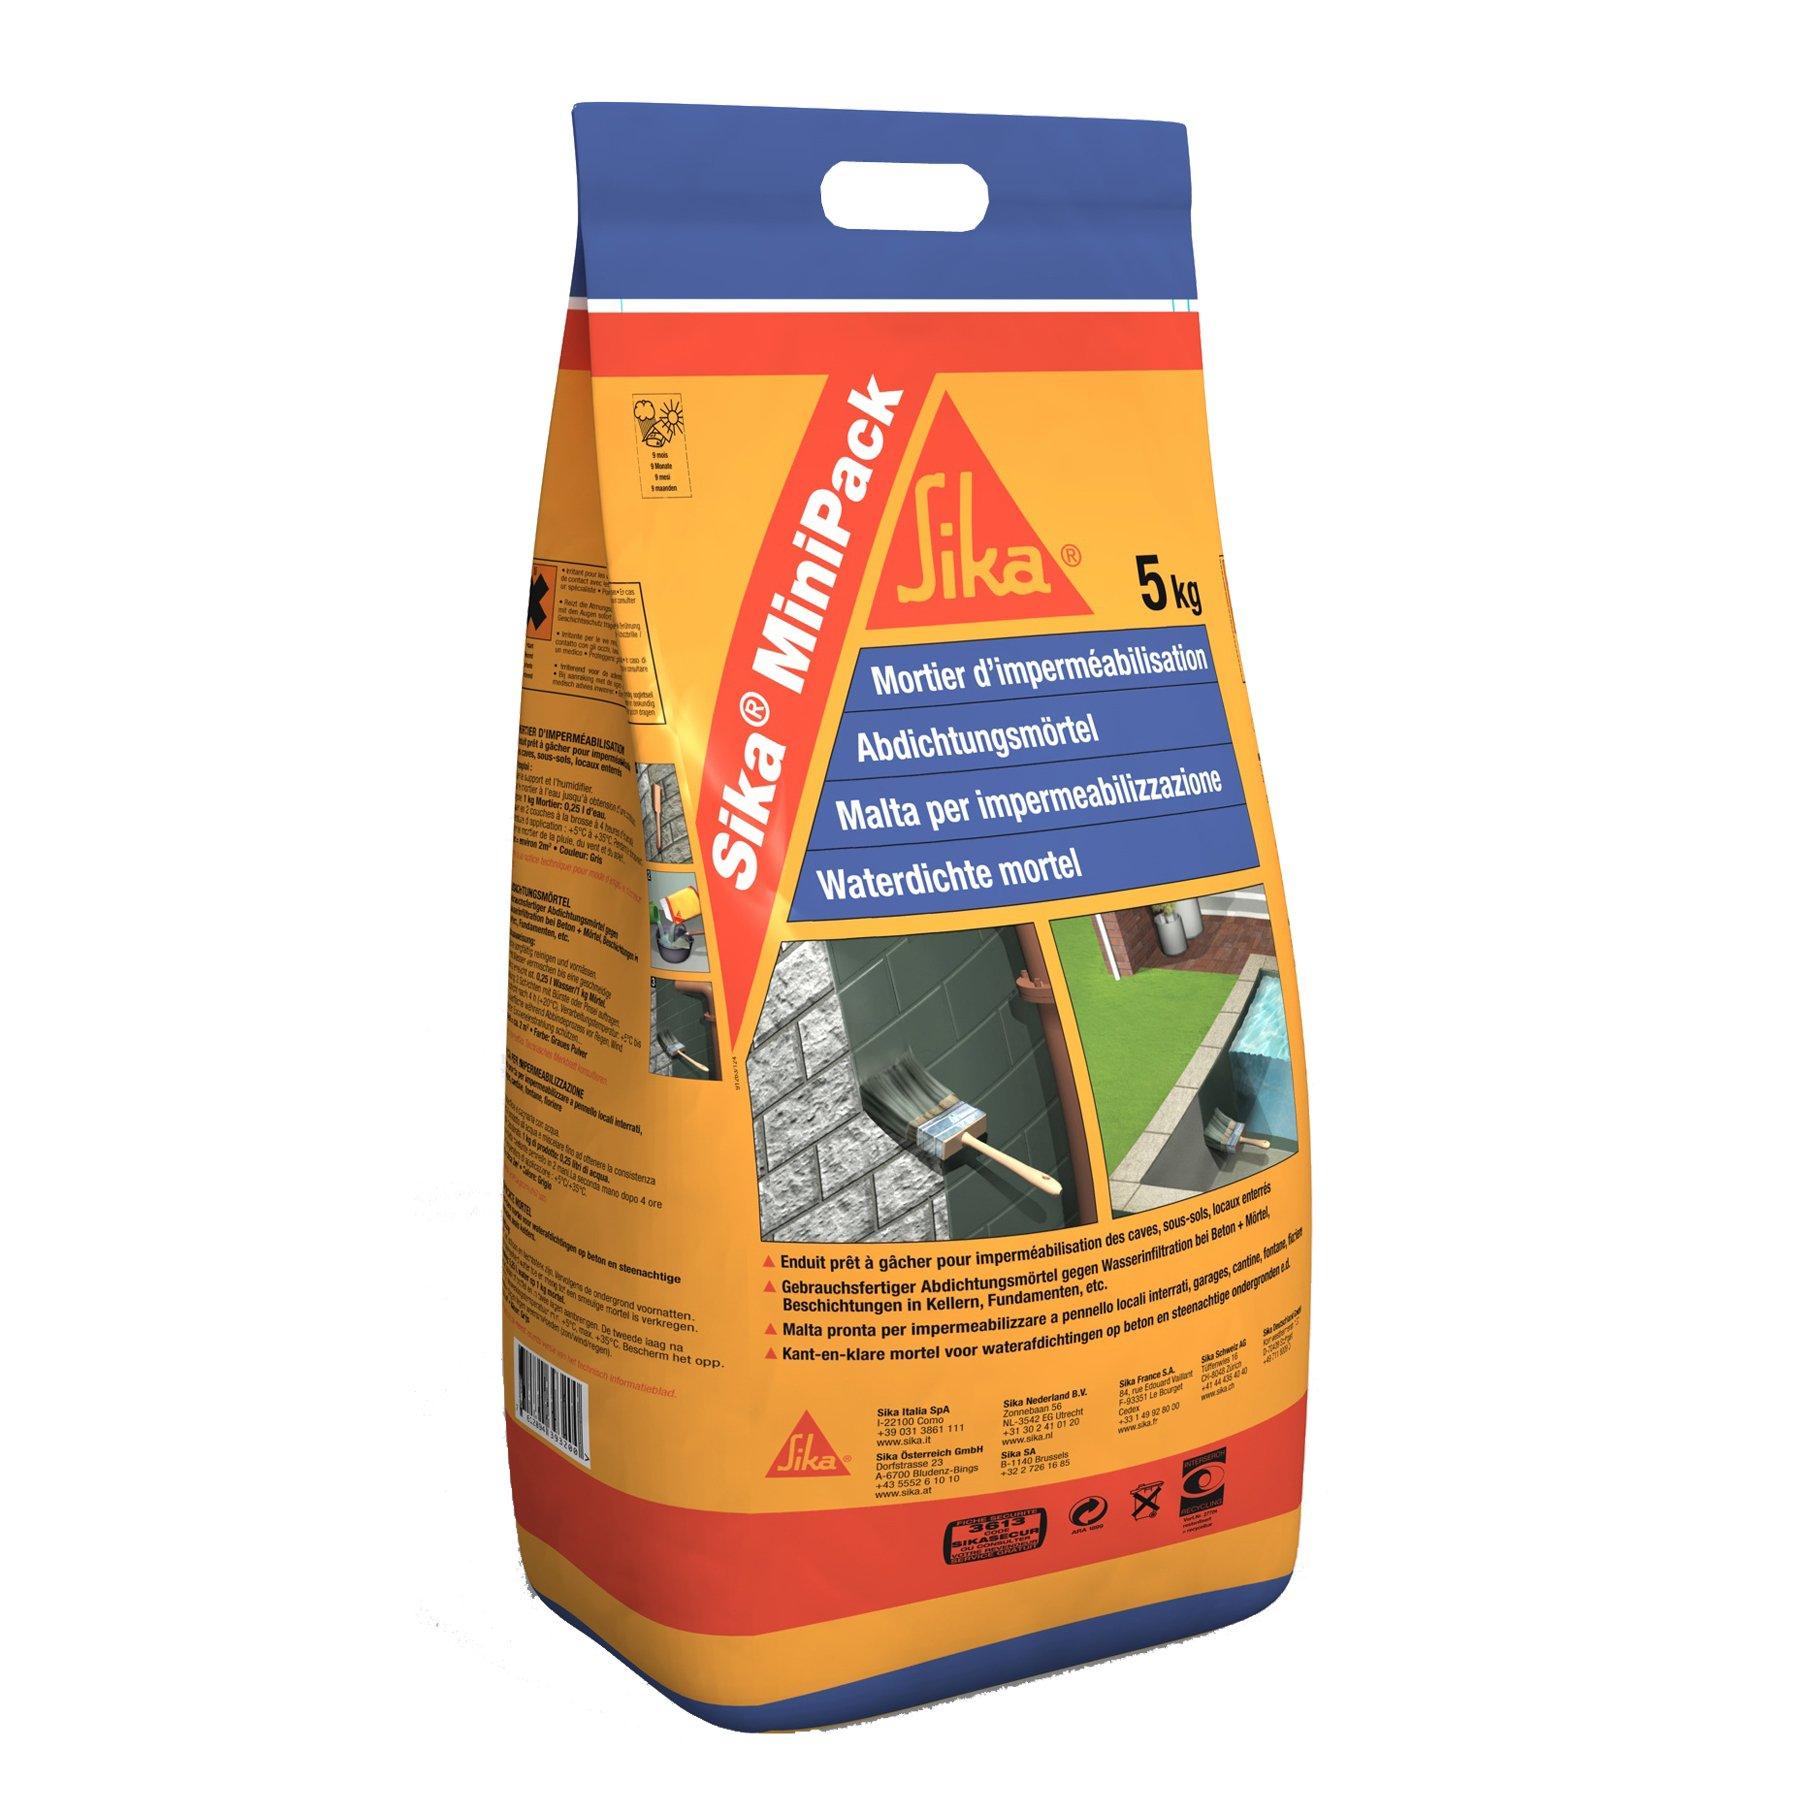 Sika MiniPack Mortero Impermeabilizante, para la impermeabilización de sótanos, cimentaciones y muros enterrados, Gris, 5 kg product image